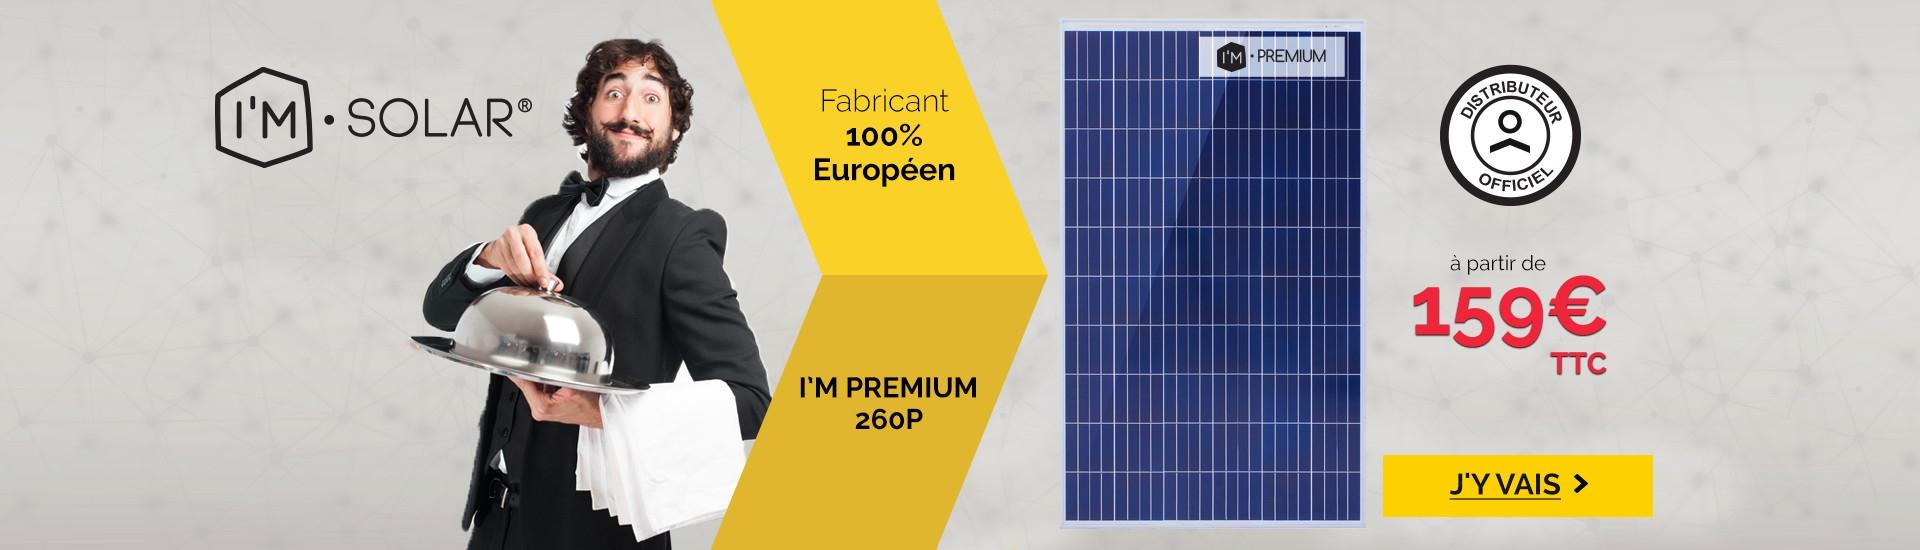 Panneau solaire I'M PREMIUM by I'M SOLAR®